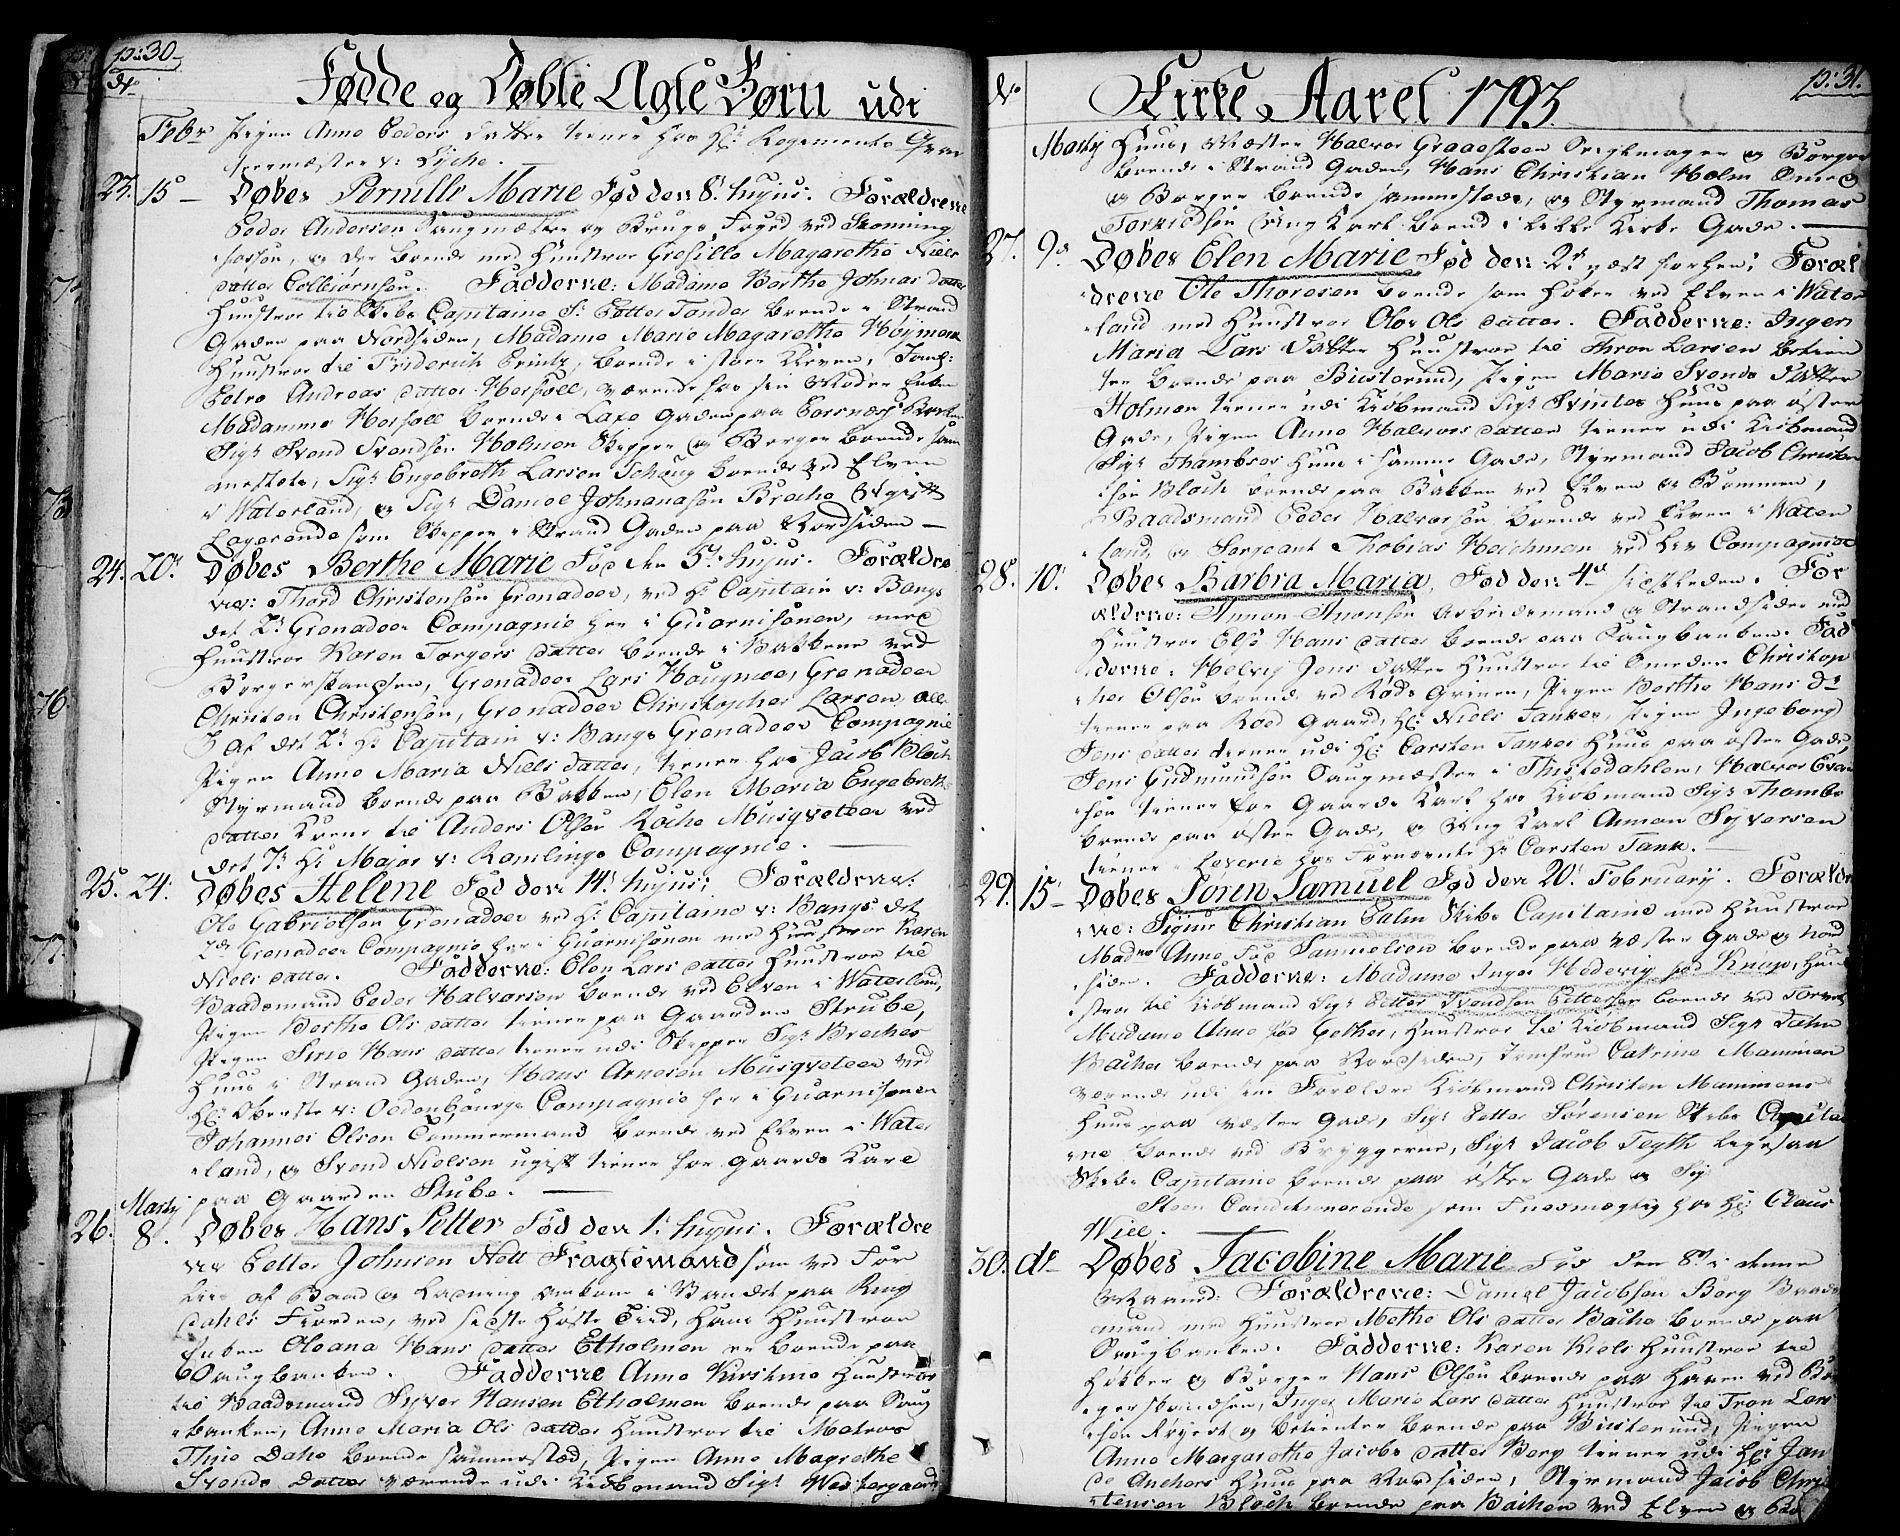 SAO, Halden prestekontor Kirkebøker, F/Fa/L0002: Ministerialbok nr. I 2, 1792-1812, s. 30-31